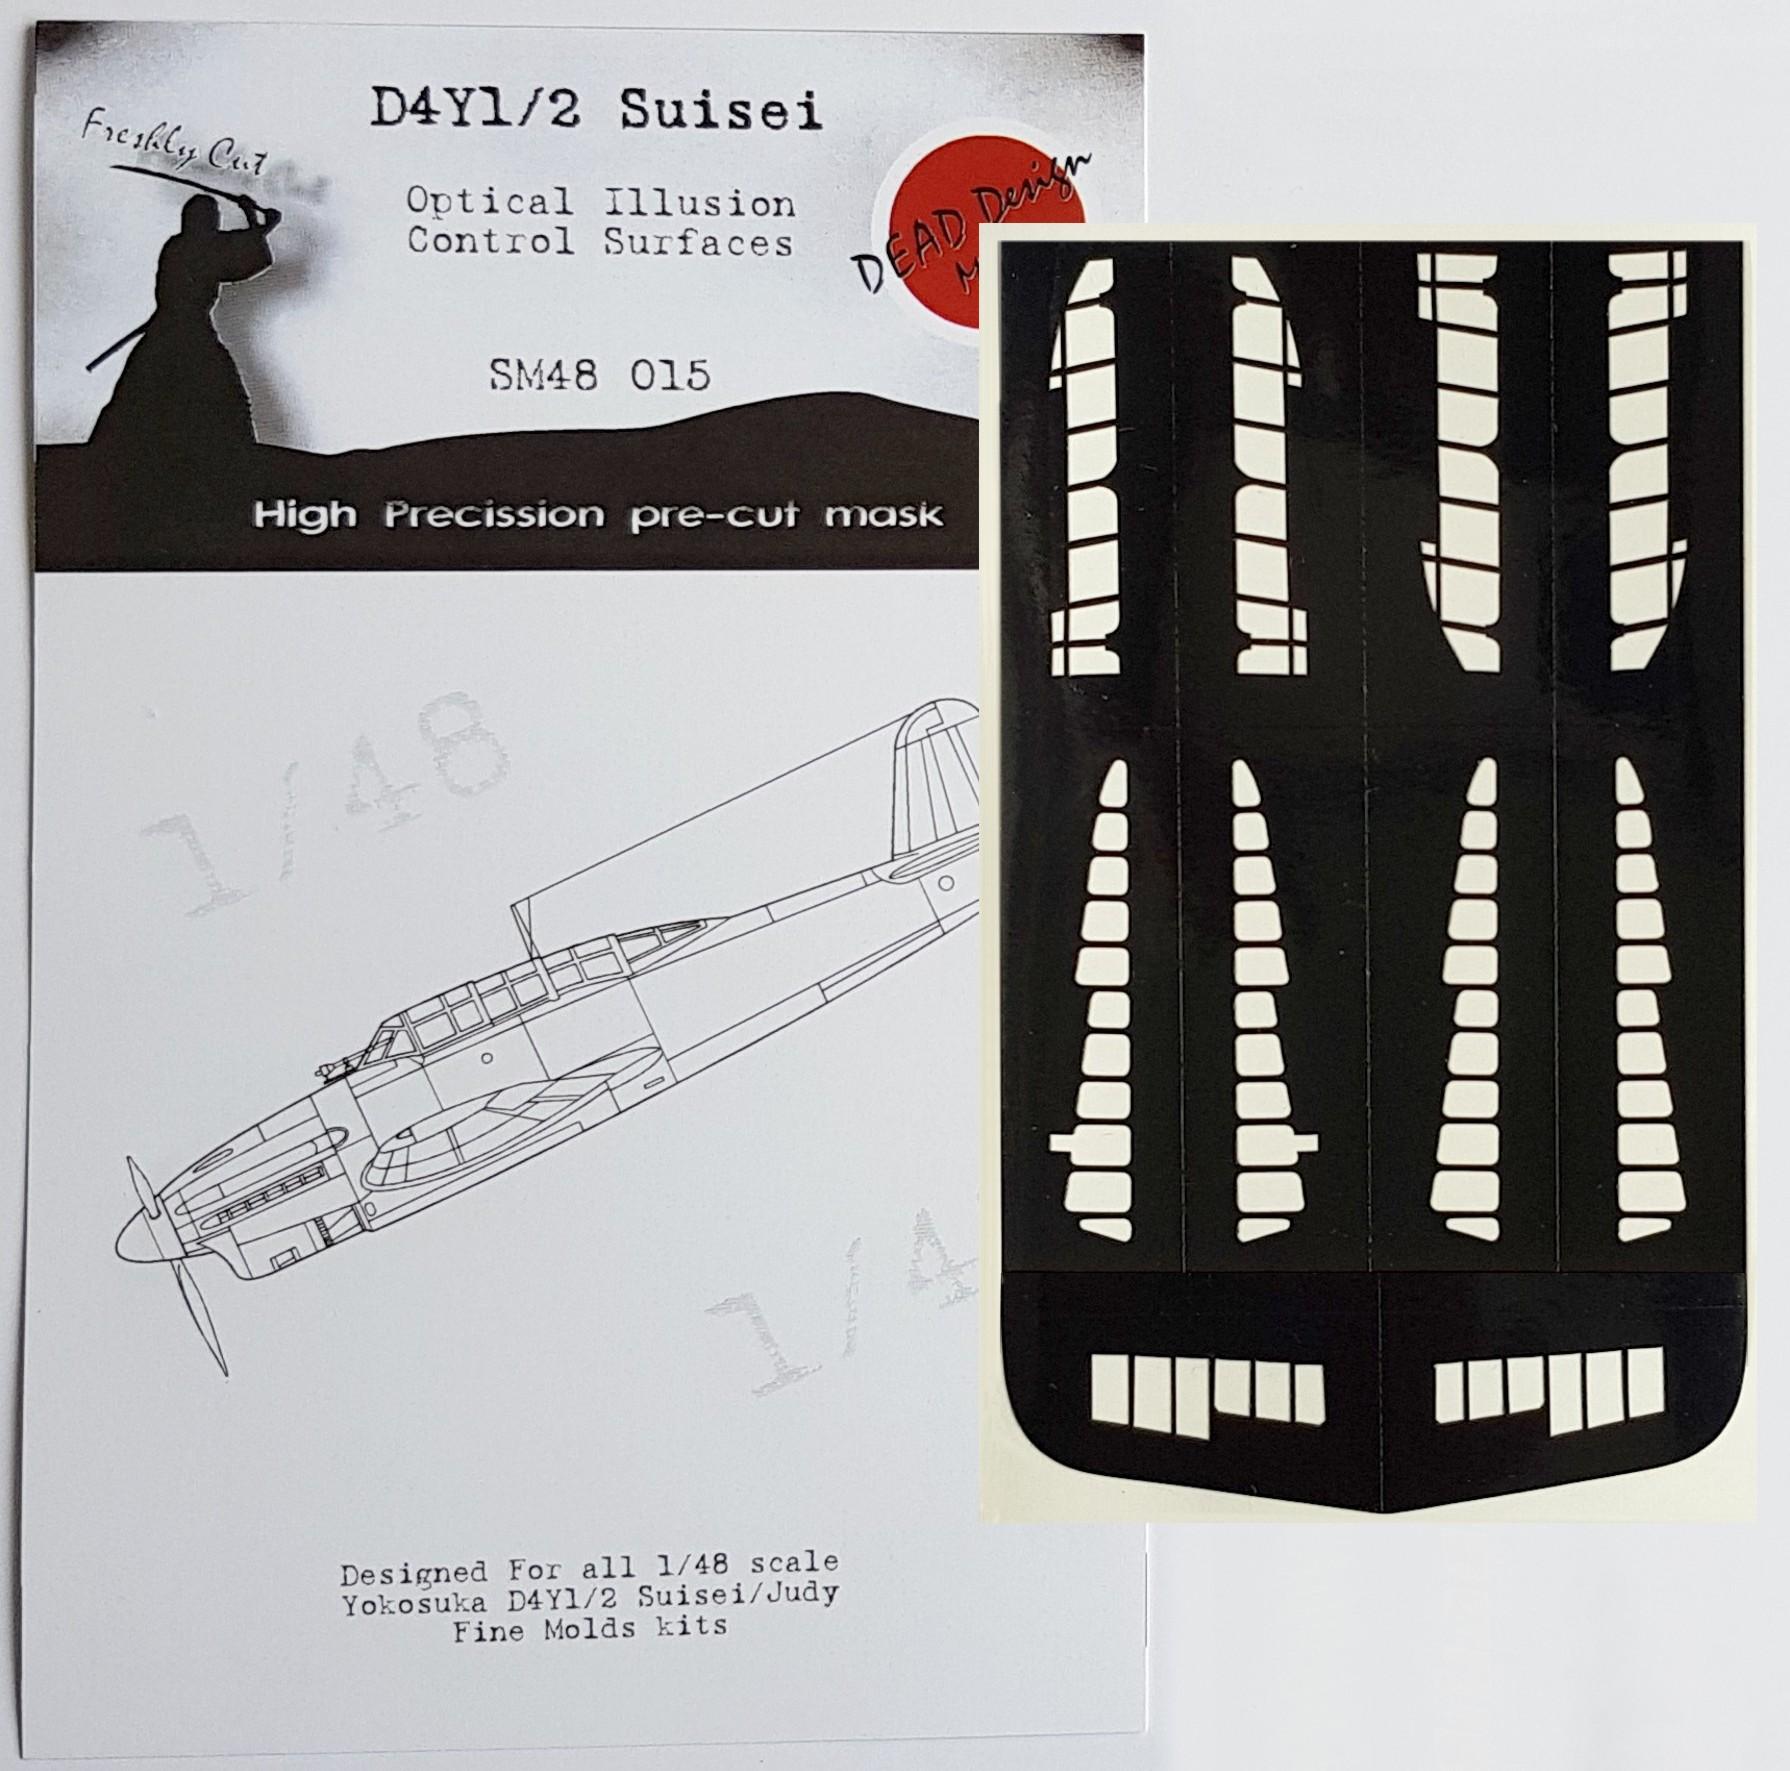 DDMSM48015